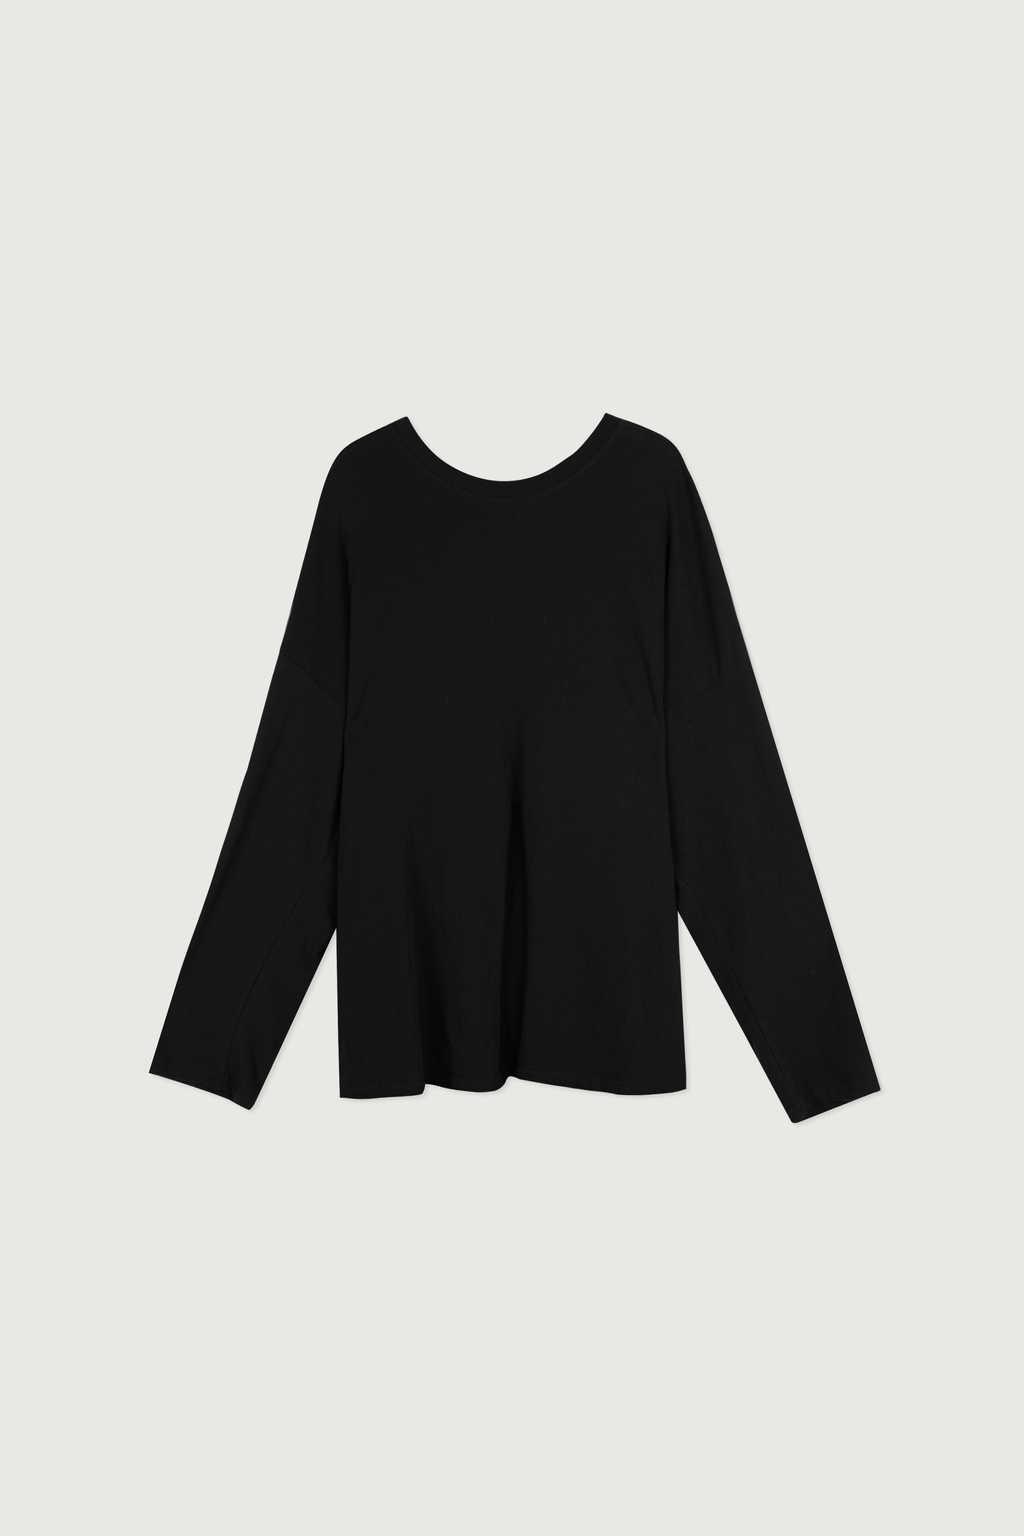 TShirt K011 Black 5